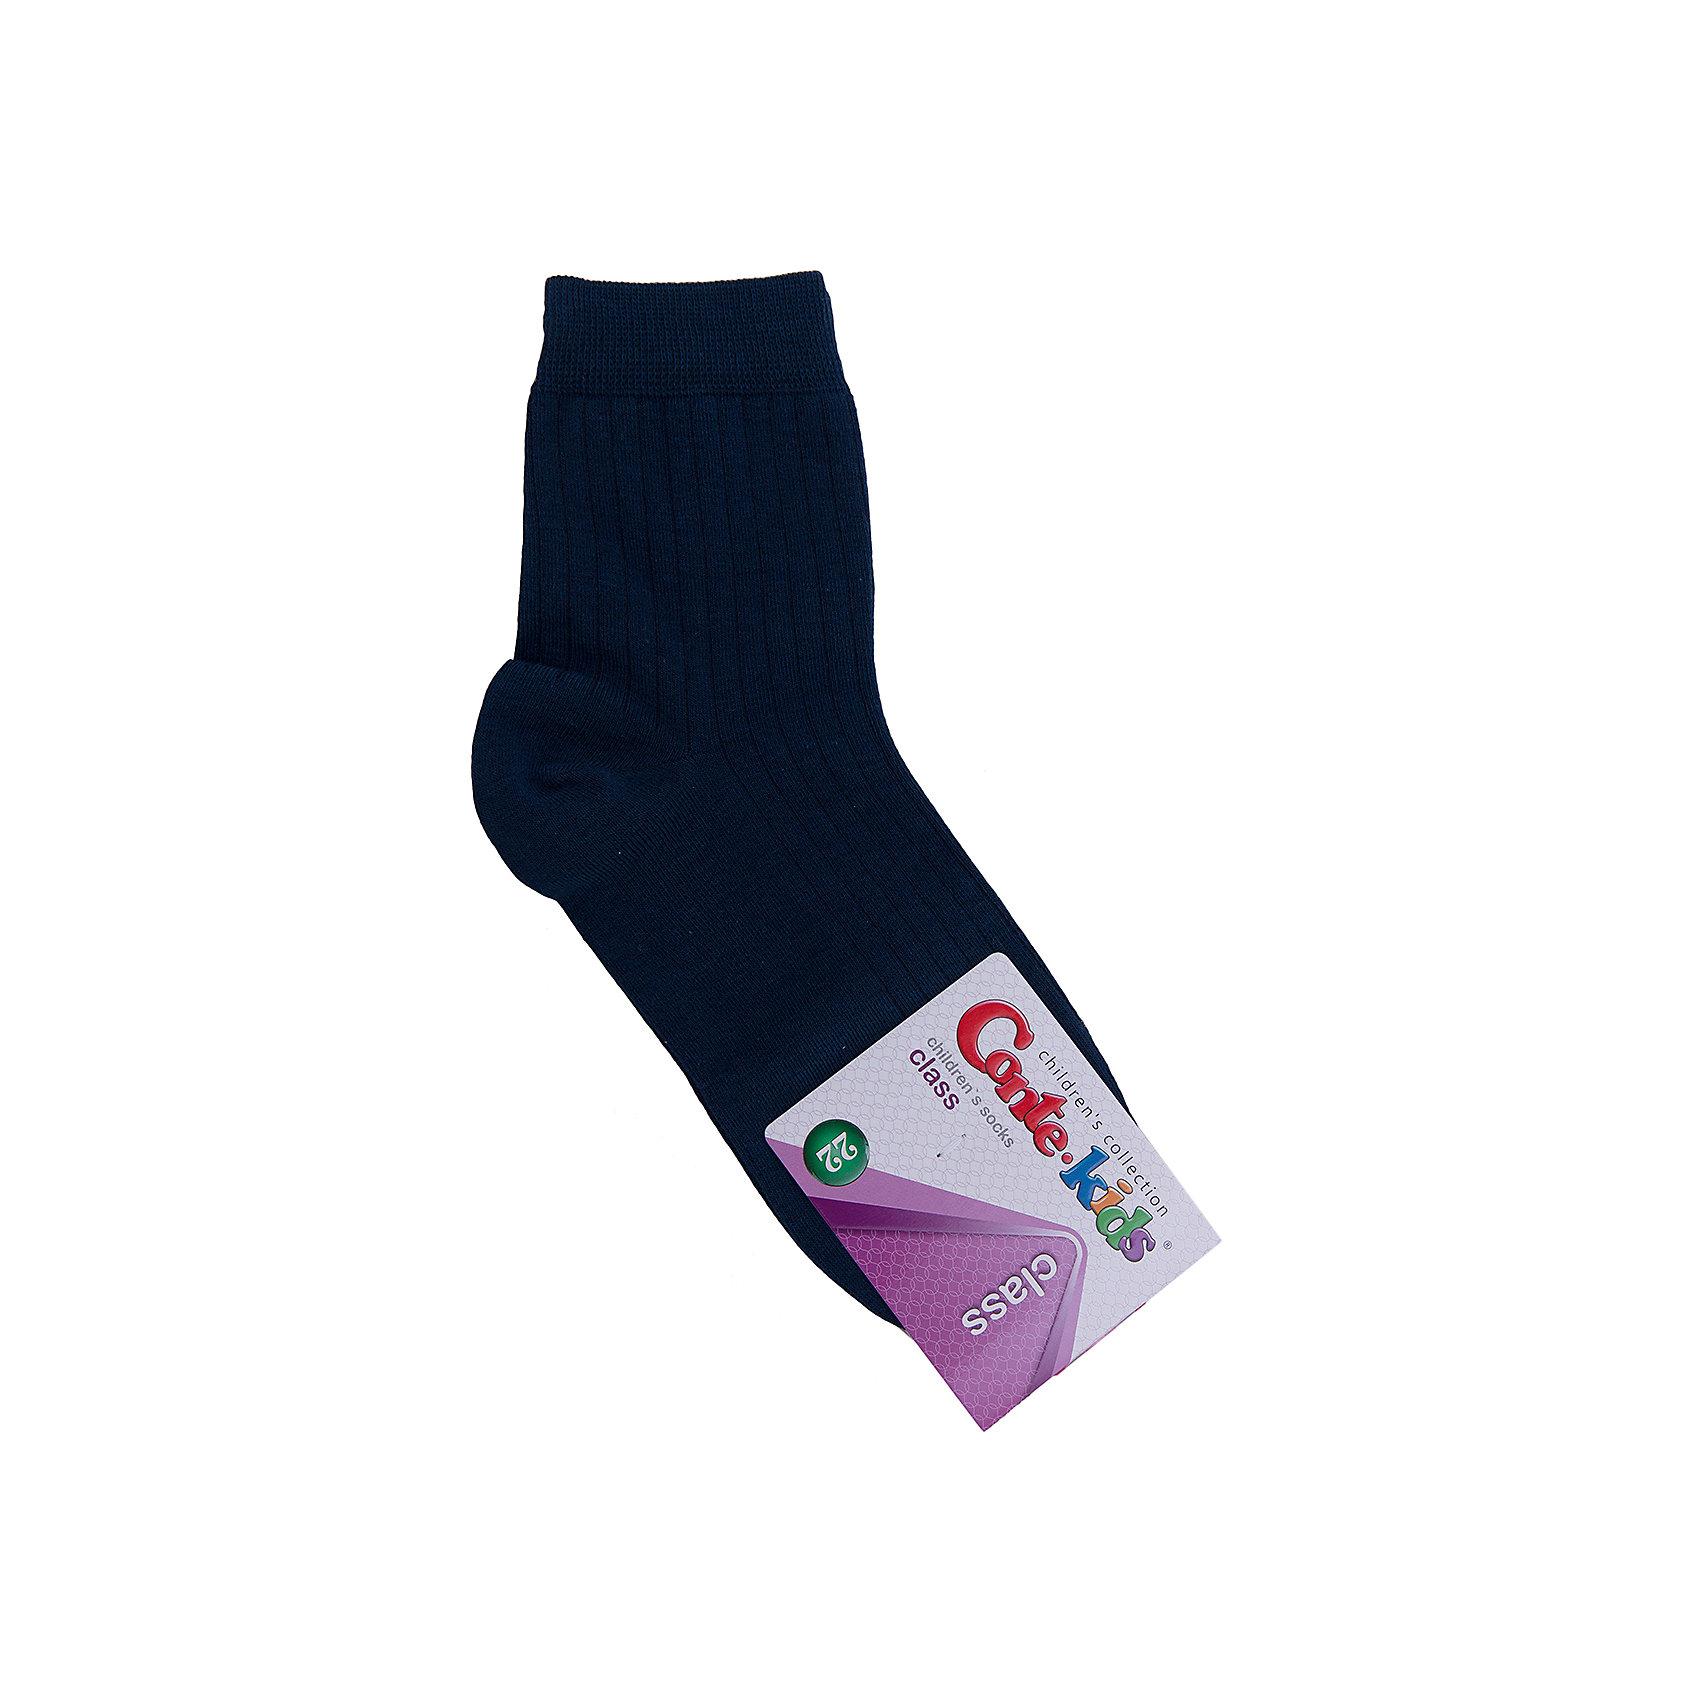 Носки  Conte-kidsНоски<br>Детские носки известной марки Conte-kids.<br>- Мягкие,  эластичные,  удобные и практичные.<br>- От белорусского производителя. <br>- Для девочек и мальчиков. <br><br>Состав: 50% - хлопок, 47,2% - полиамид, 2,8% - эластан.<br><br>Ширина мм: 87<br>Глубина мм: 10<br>Высота мм: 105<br>Вес г: 115<br>Цвет: синий<br>Возраст от месяцев: 96<br>Возраст до месяцев: 108<br>Пол: Унисекс<br>Возраст: Детский<br>Размер: 22<br>SKU: 4830297